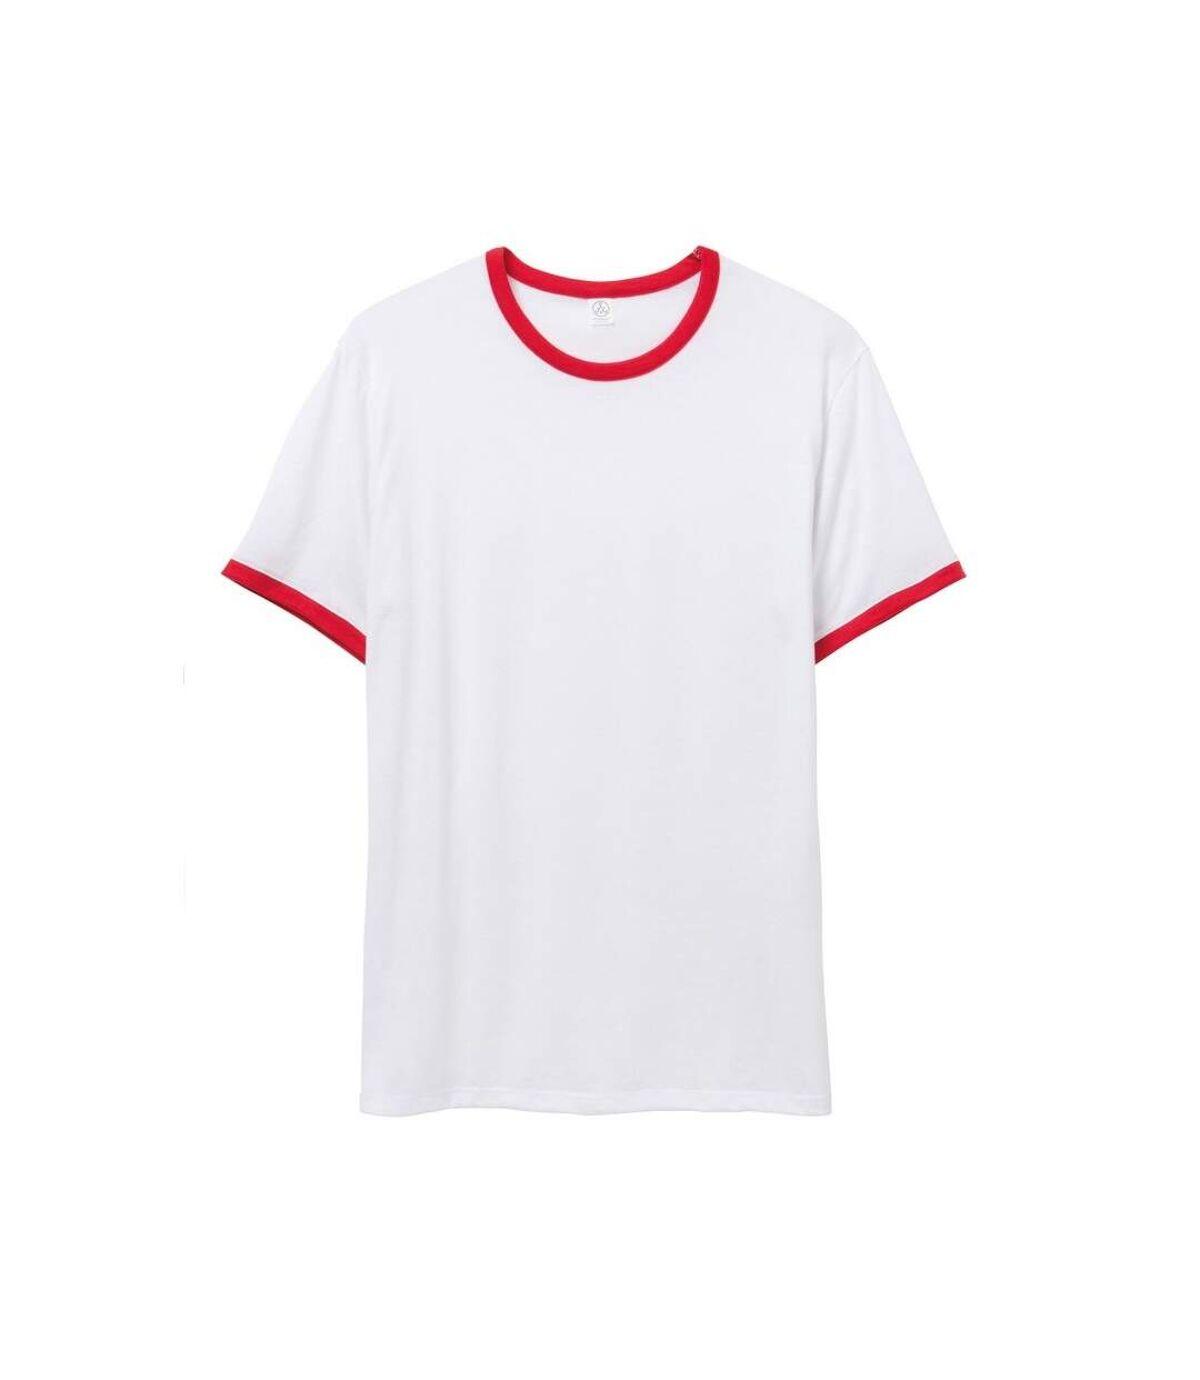 Alternative Apparel Mens 50/50 Vintage Jersey Ringer T-Shirt (White/Red) - UTRW7149